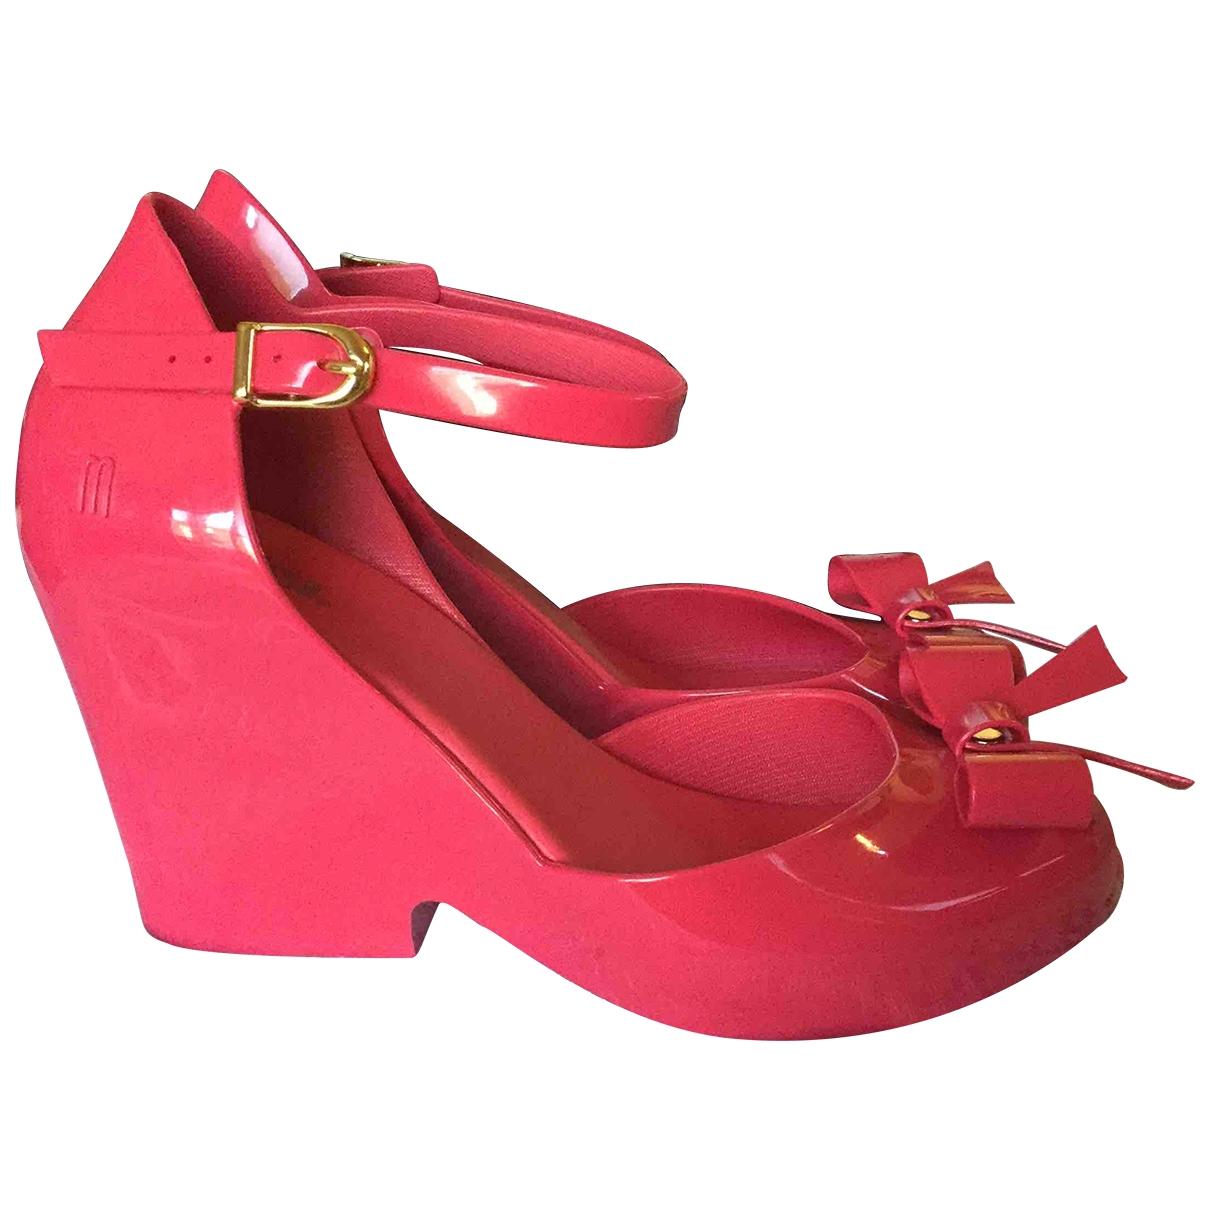 Melissa - Sandales   pour femme - rose